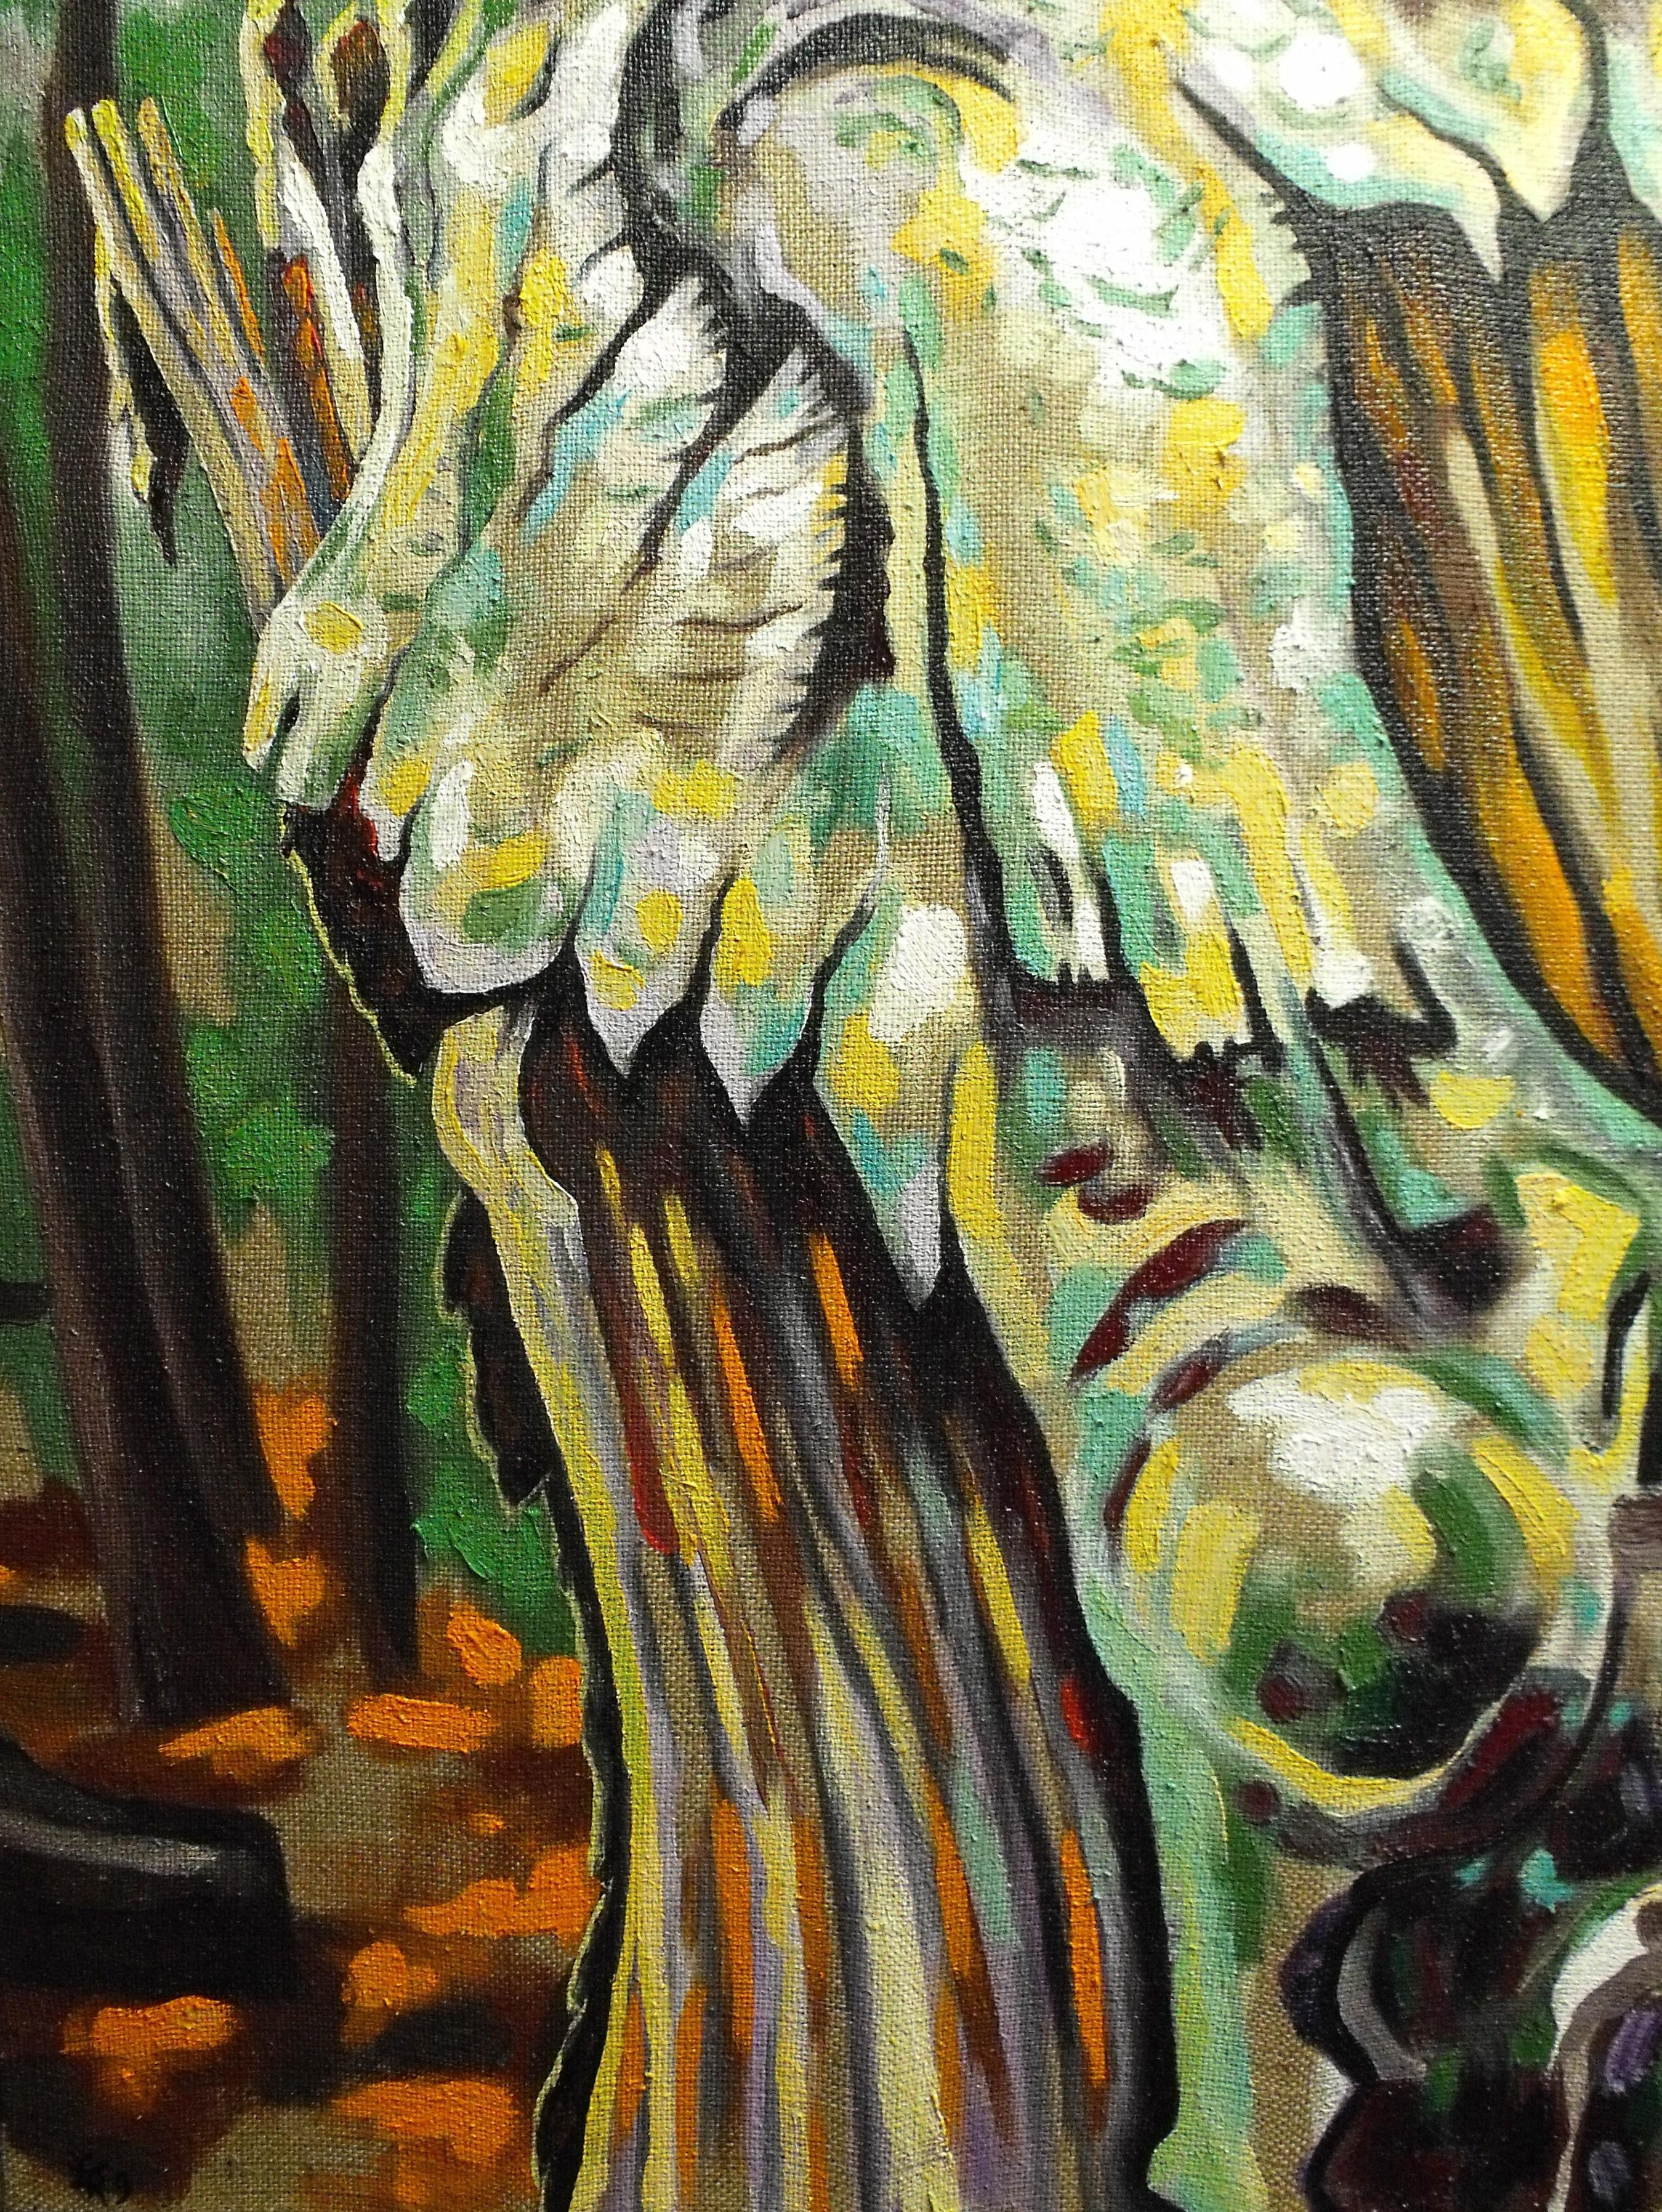 270809, huile sur toile, 2009